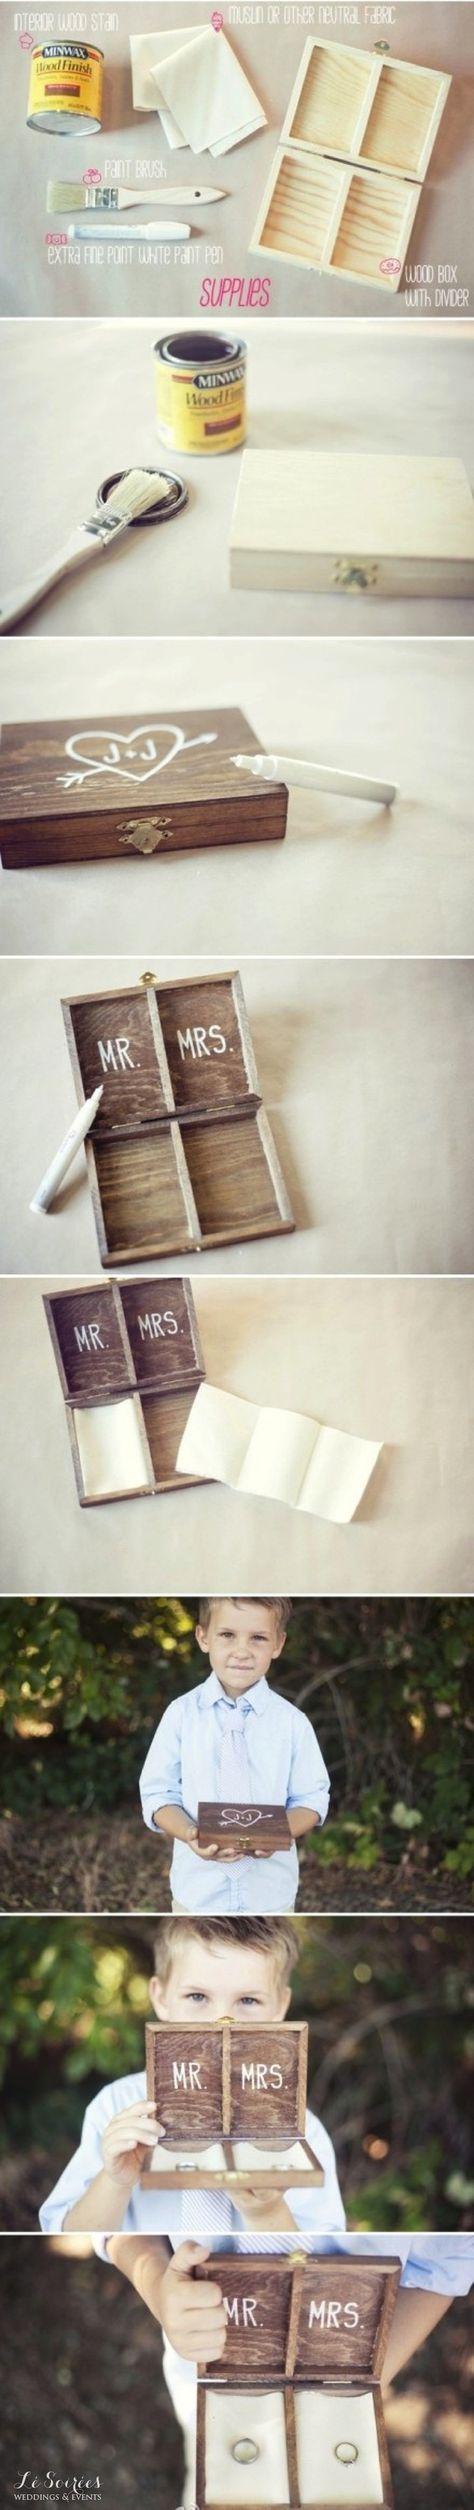 Письмо «Рекомендуемые Пины на тему «Свадебные Идеи»» — Pinterest — Яндекс.Почта